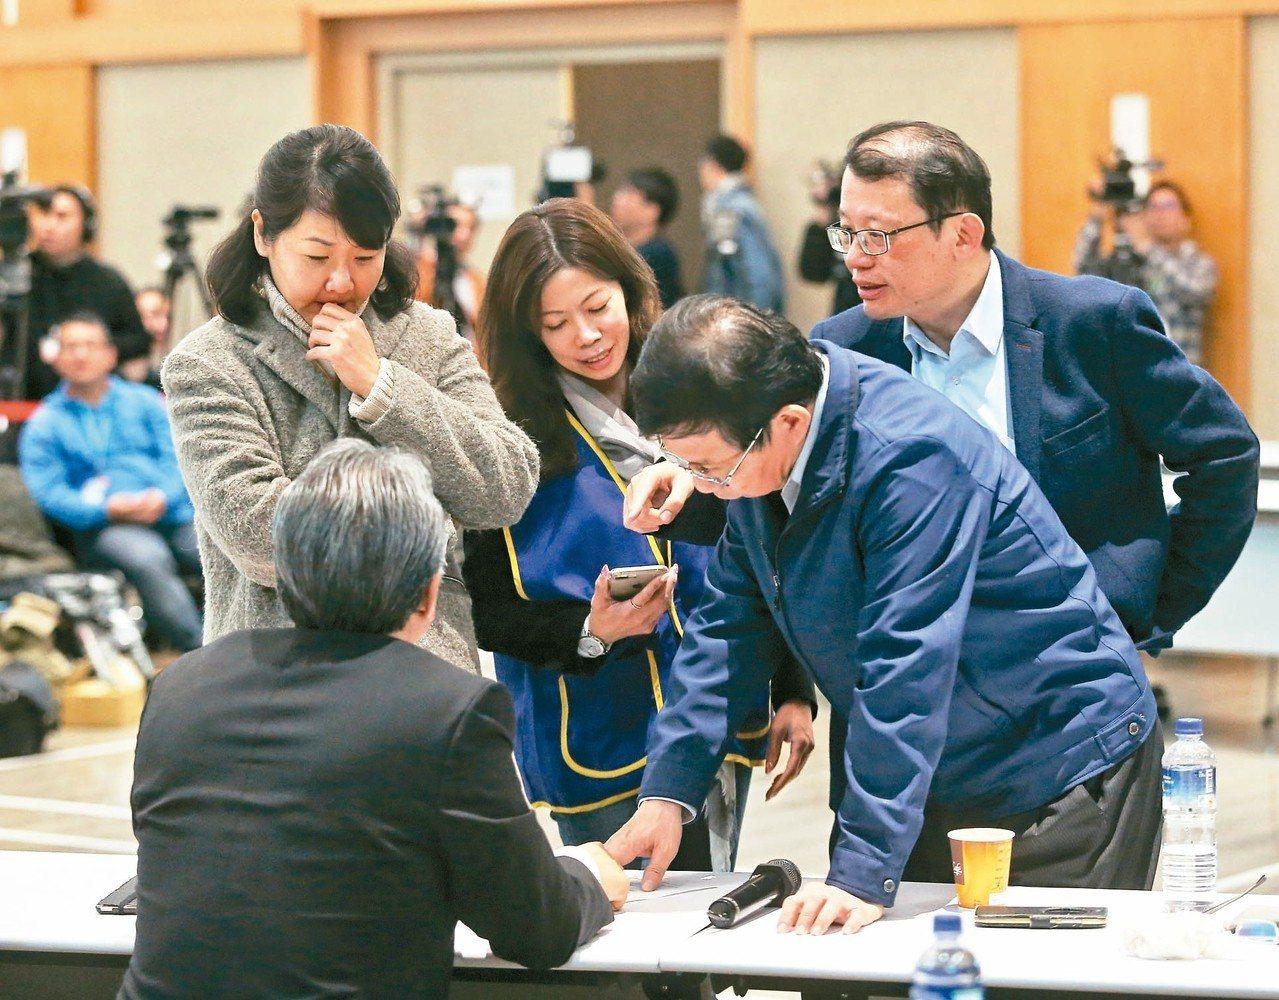 華航機師罷工爭議昨凌晨進行「紅眼協商」。 記者鄭清元/攝影